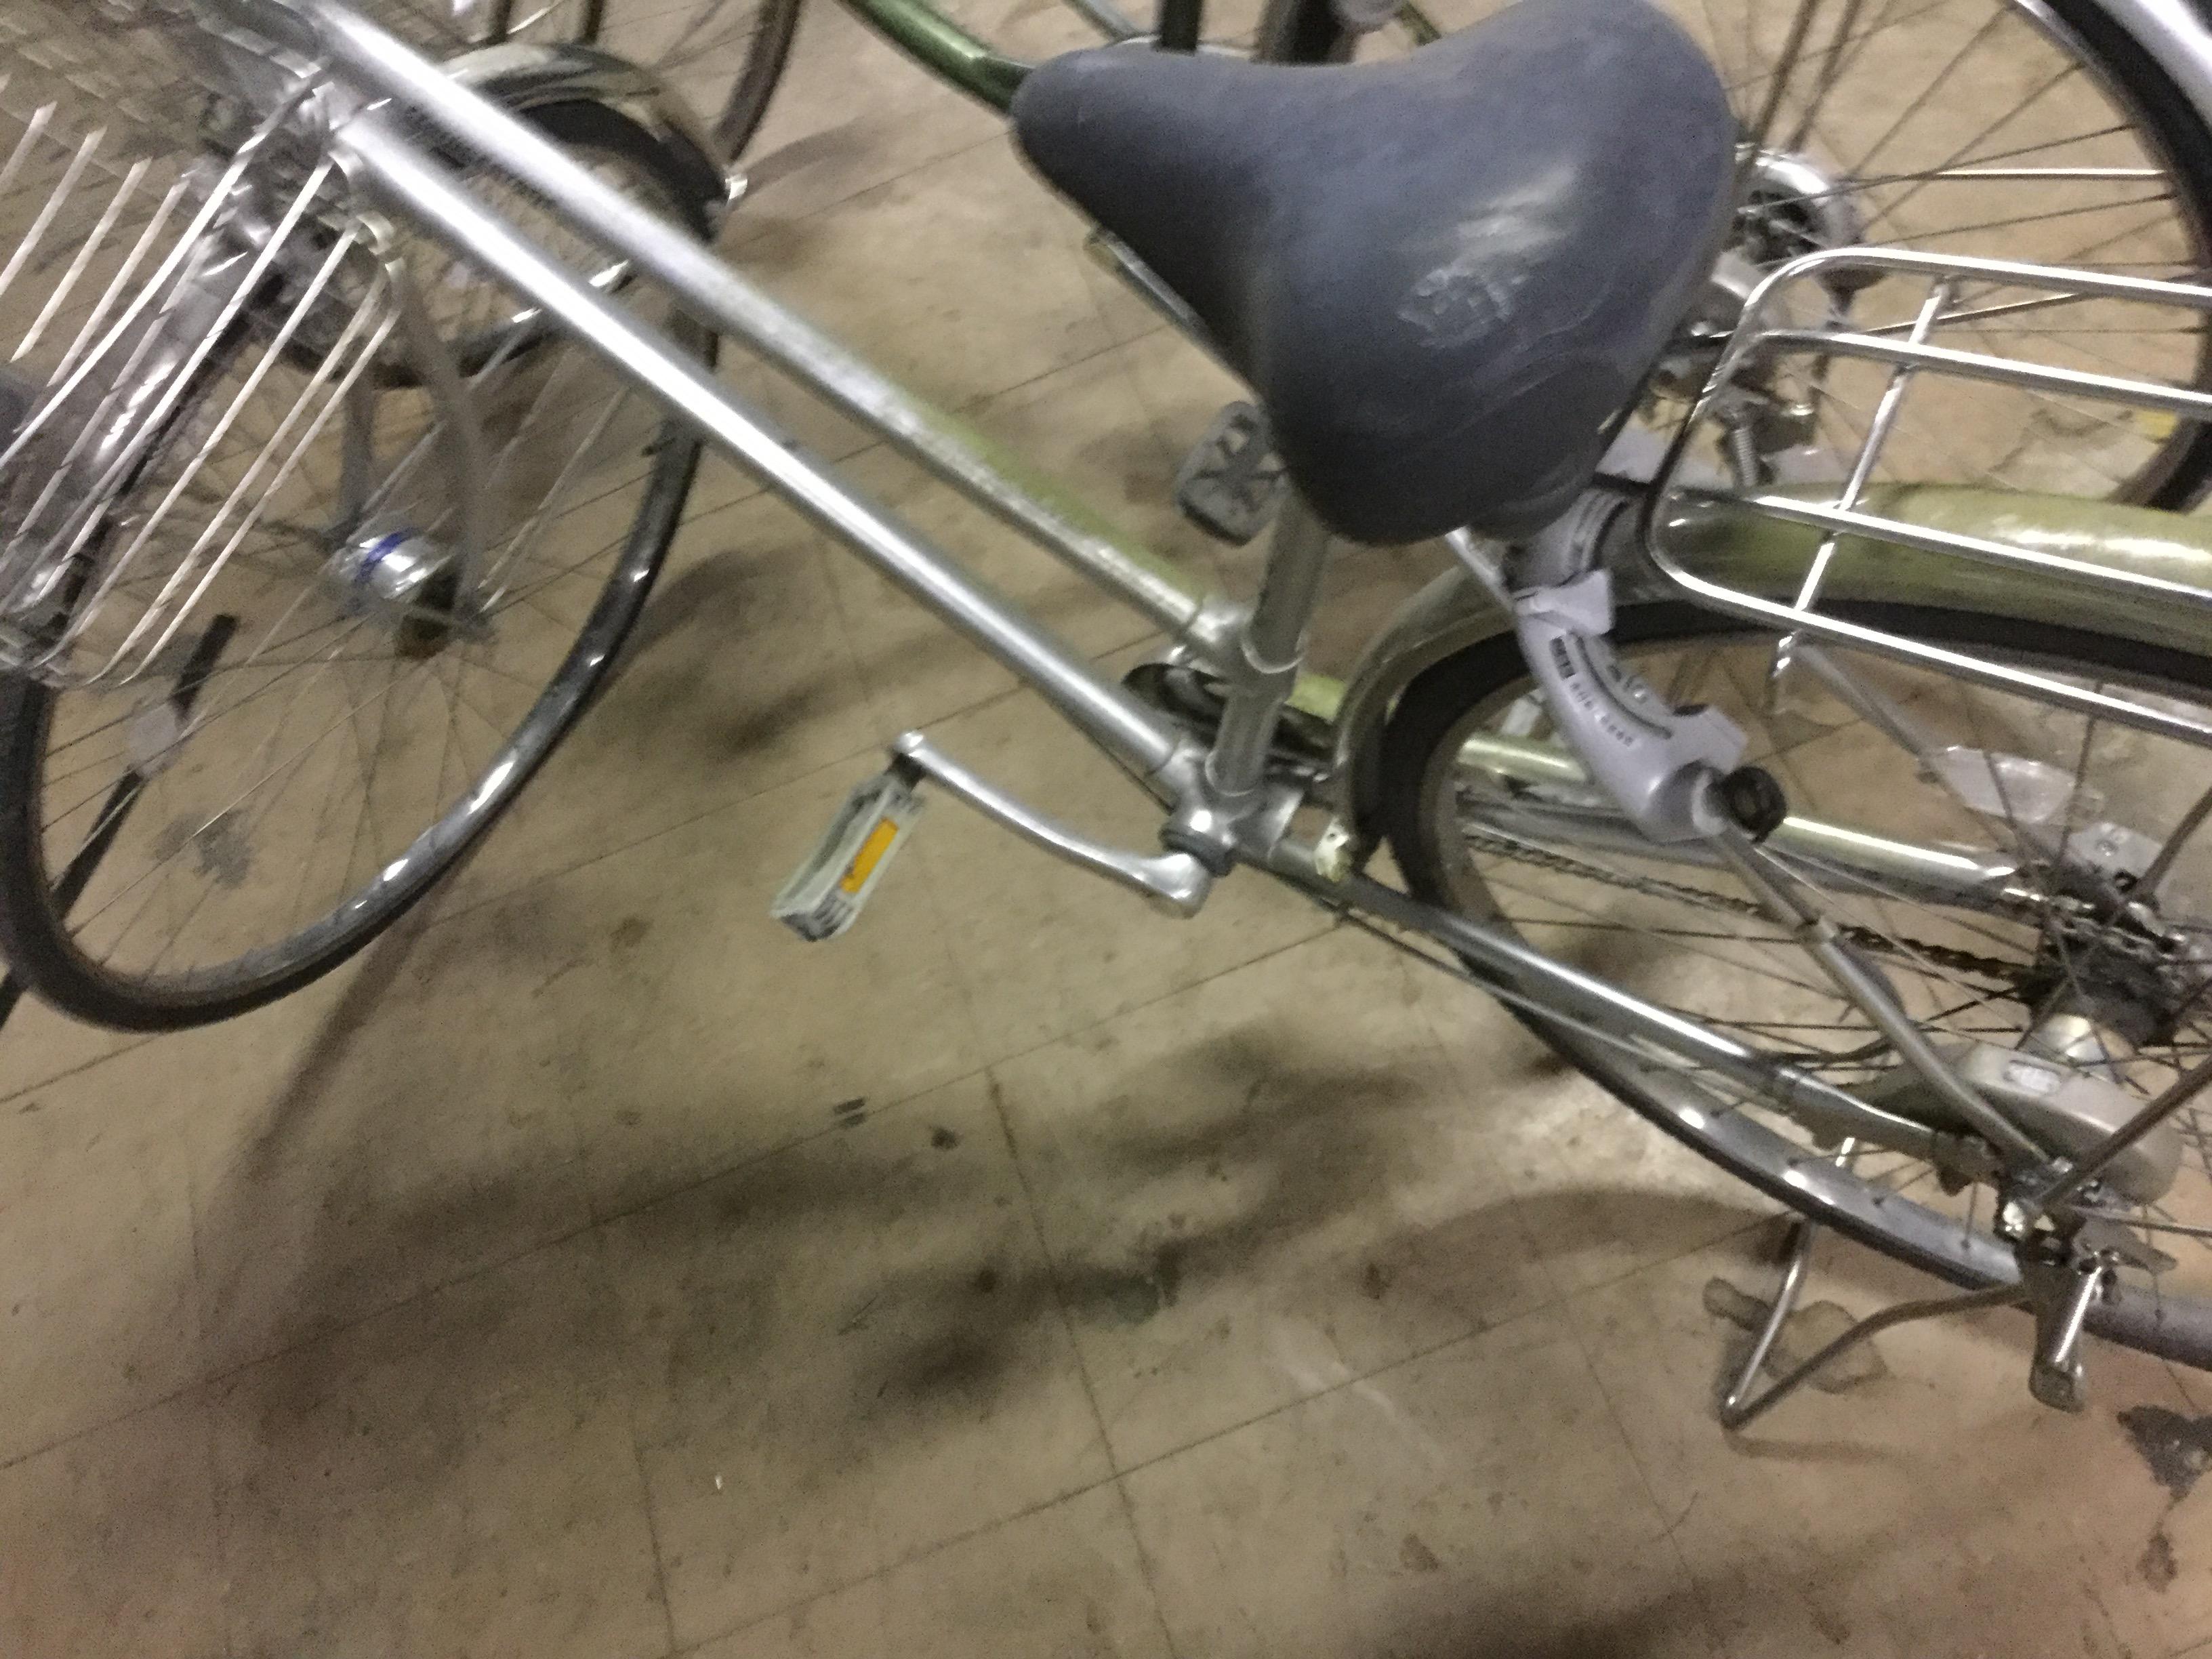 岡山市南区で自転車回収、処分